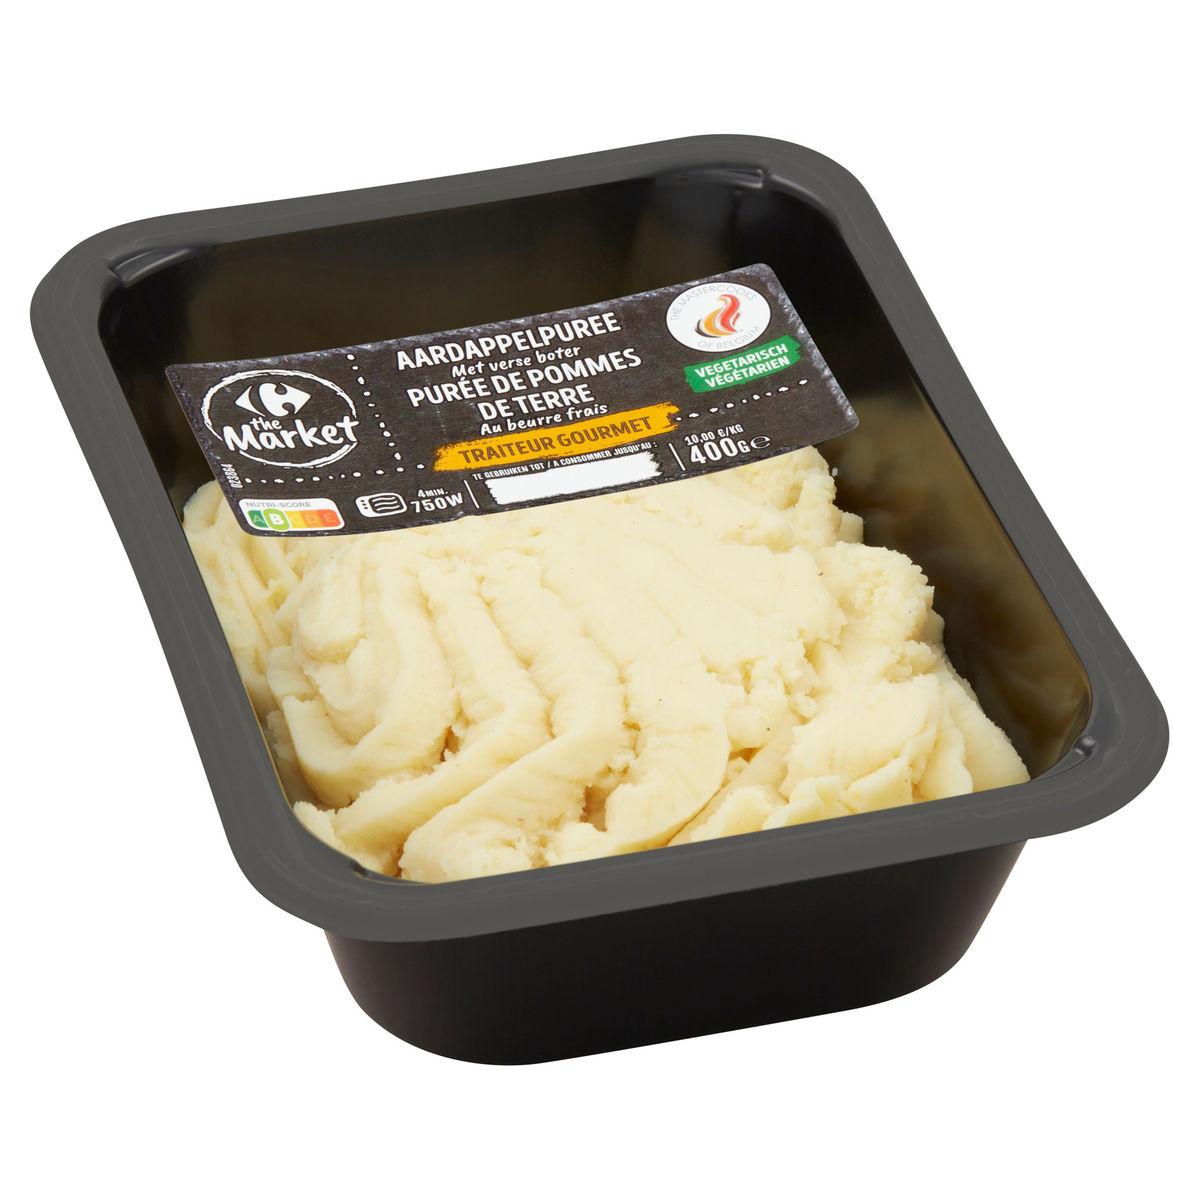 Carrefour Purée de Pommes de Terre au Beurre Frais 400 g